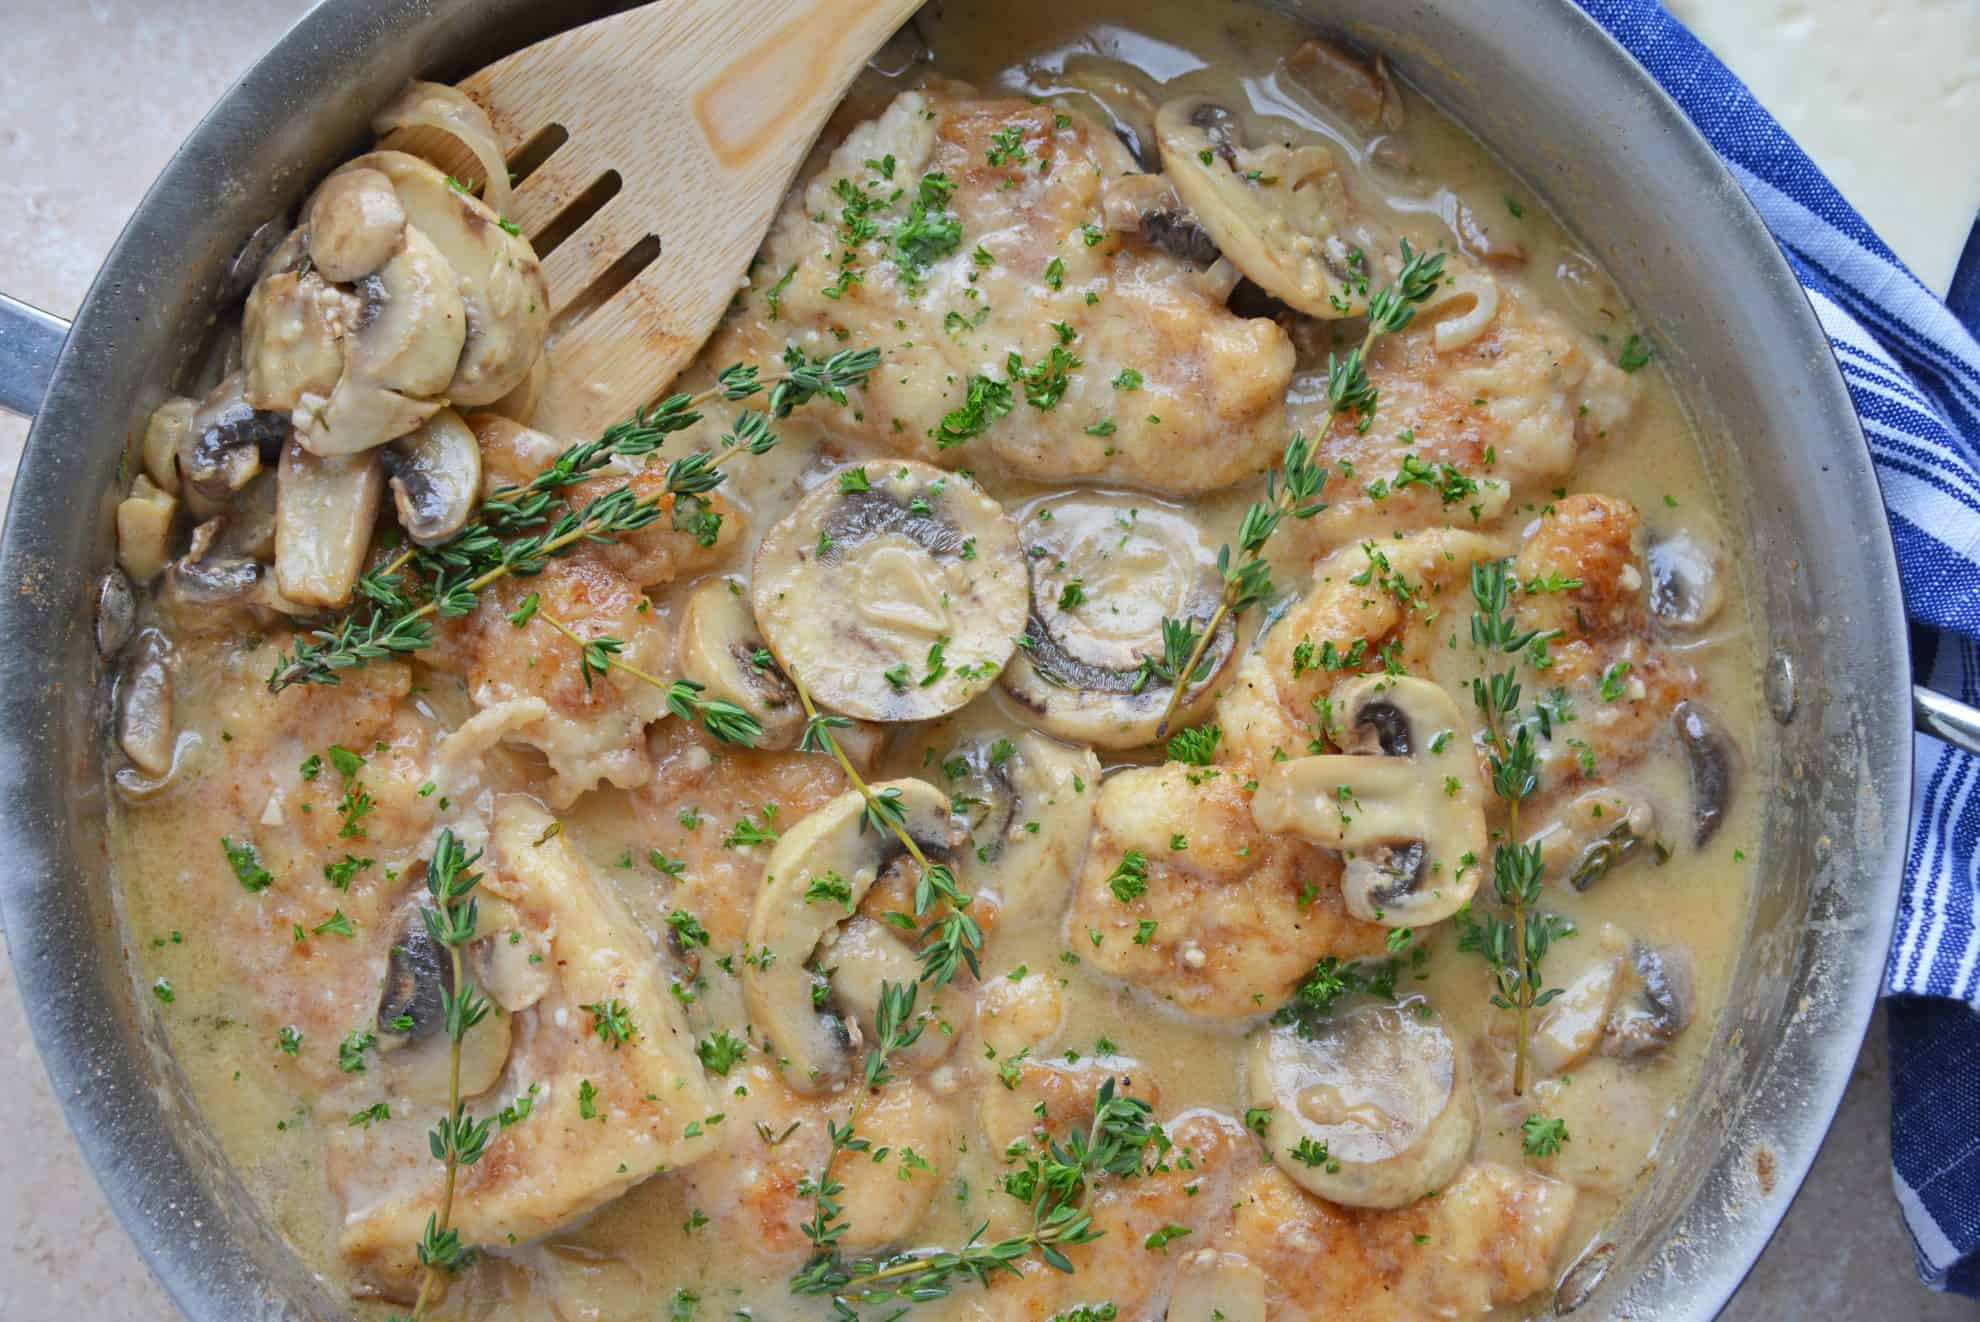 Creamy mushroom chicken in skillet